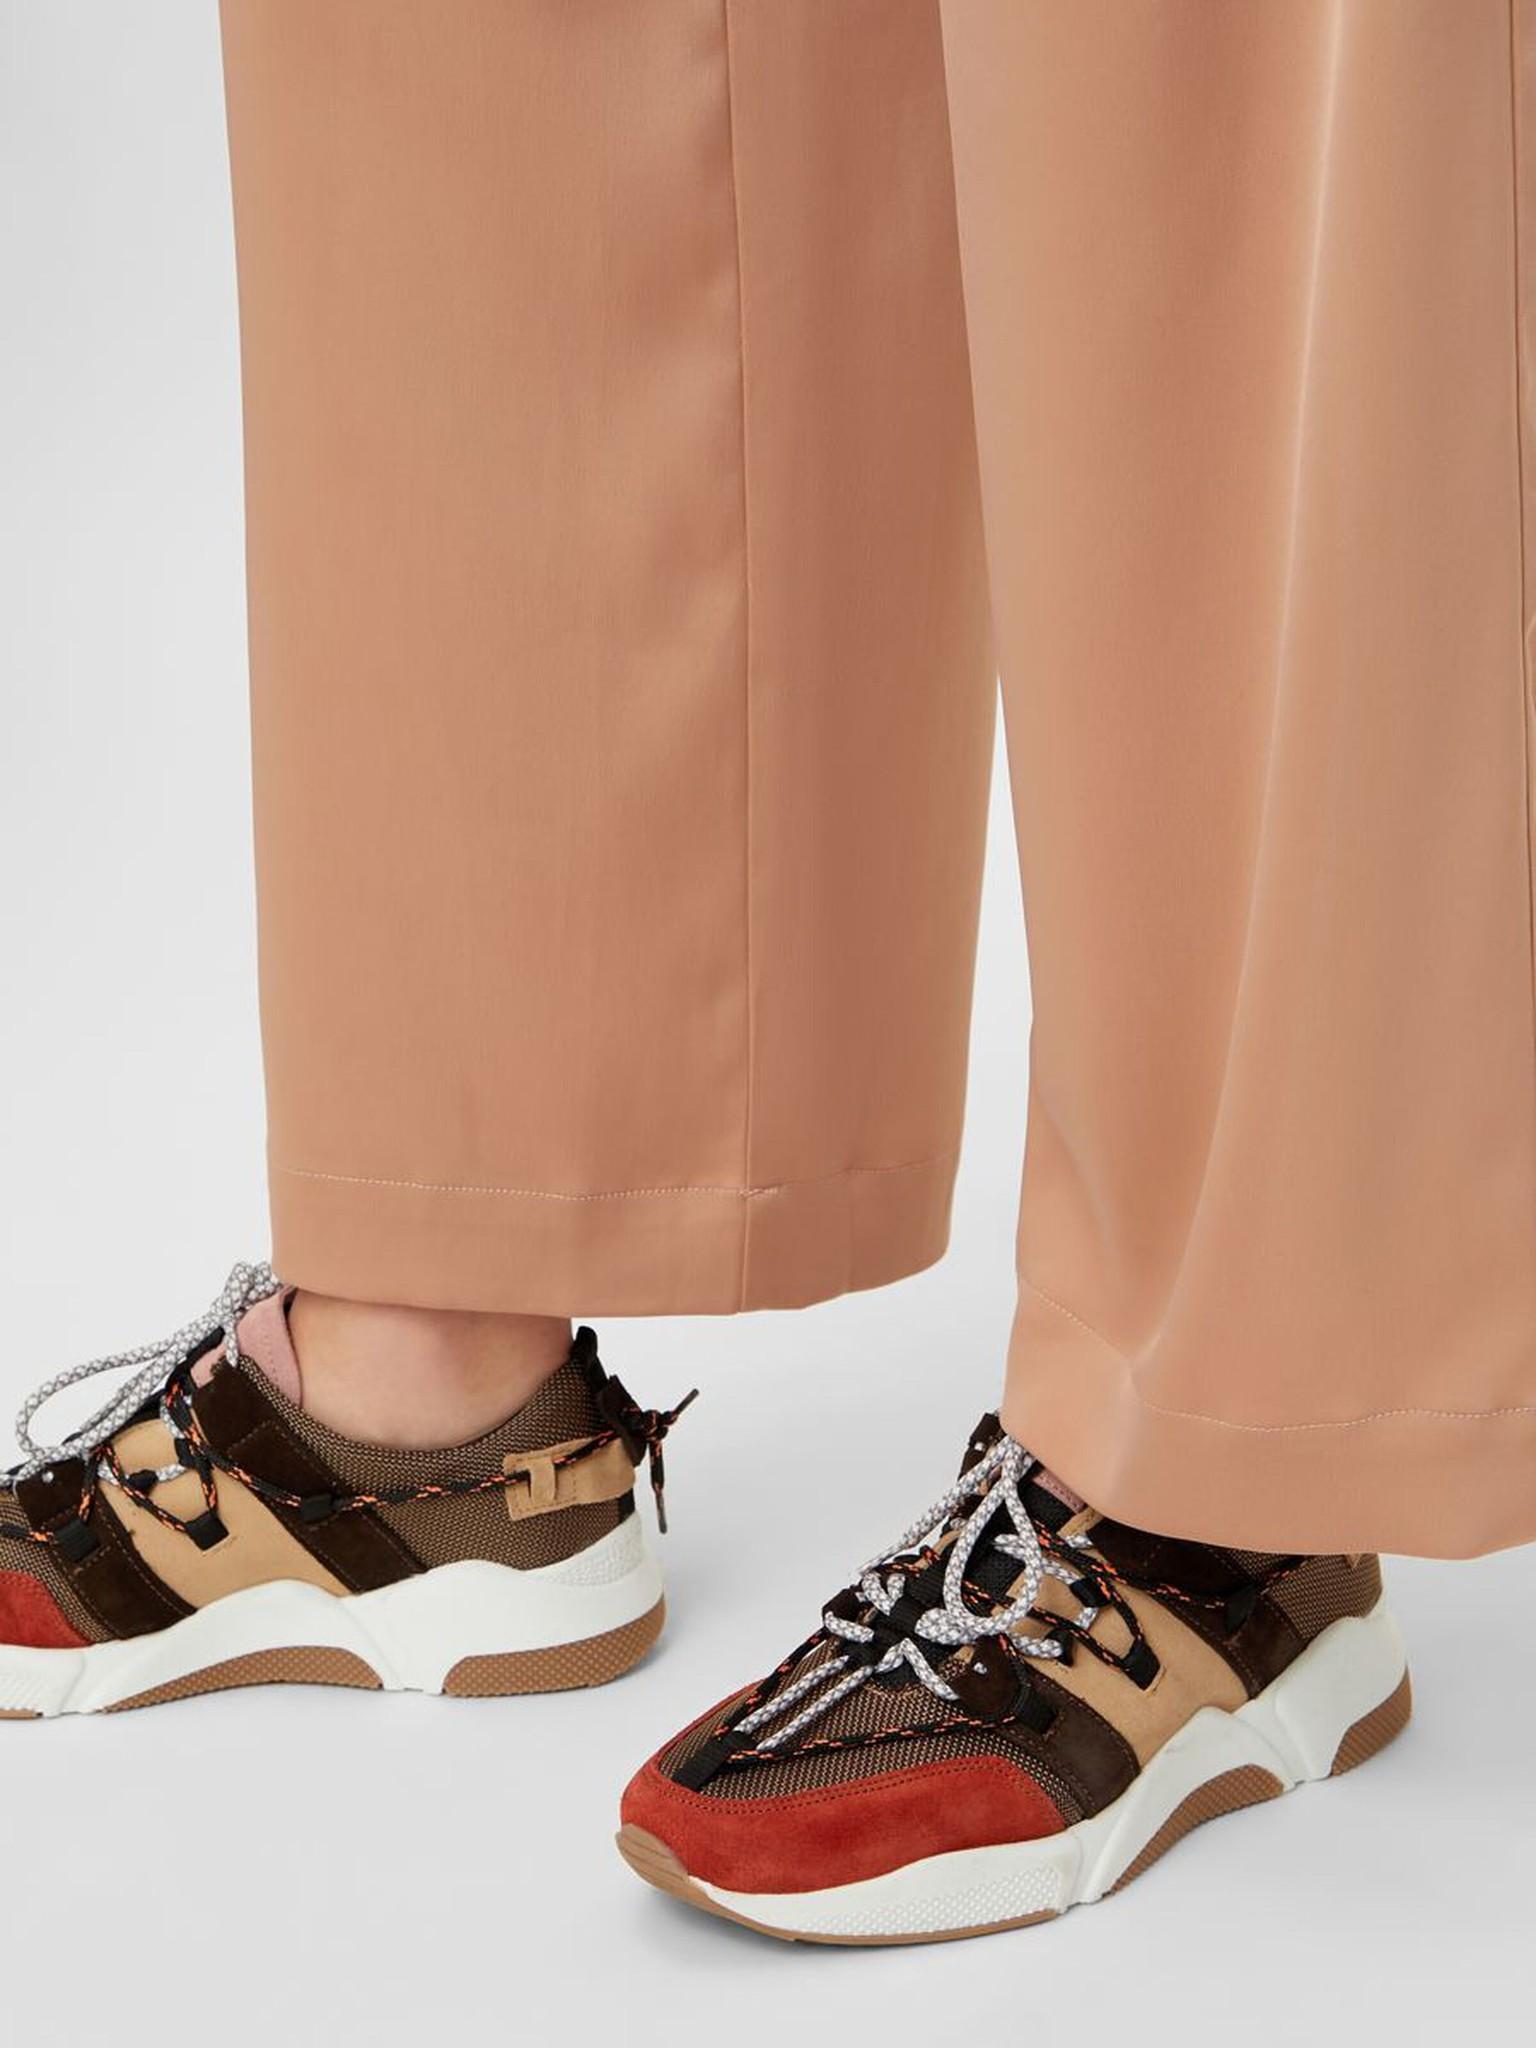 Broek Yasteresa cropped pants tawny brown-3